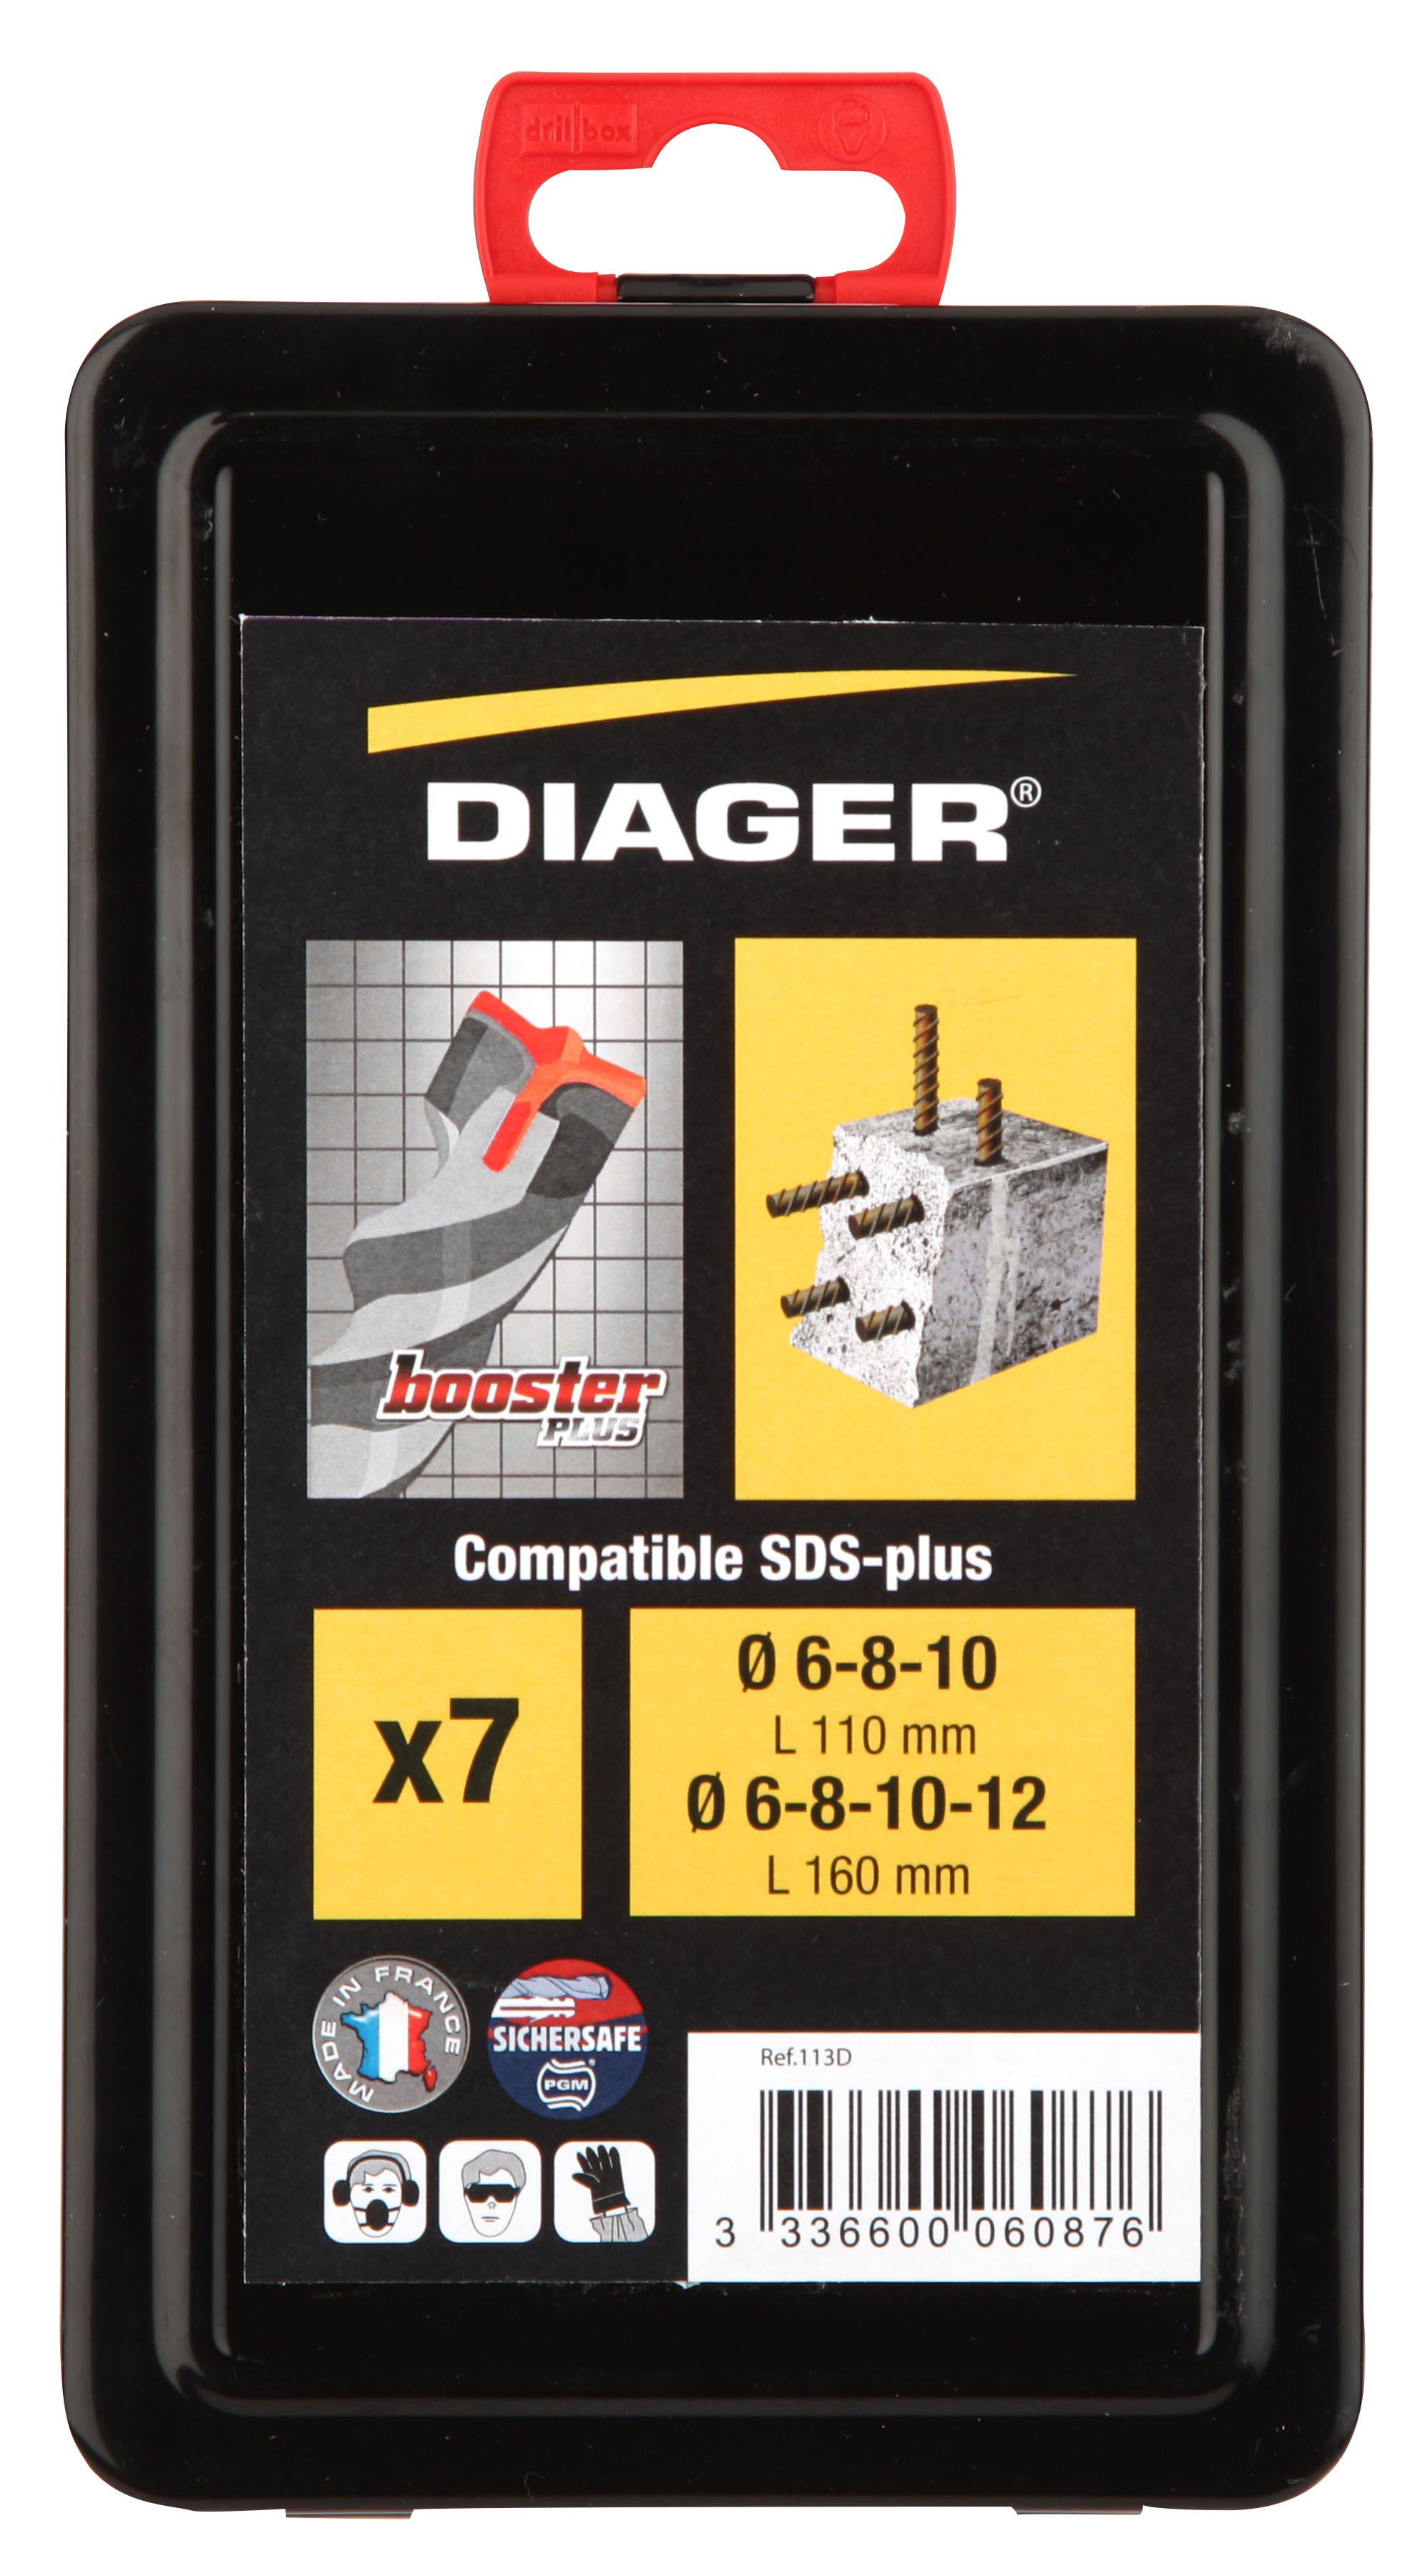 Perçage Booster Plus Coff métal. 7pcs Booster-plus L110 Ø6-8-10 L160 Ø6-8-10-12 - 113D.jpg